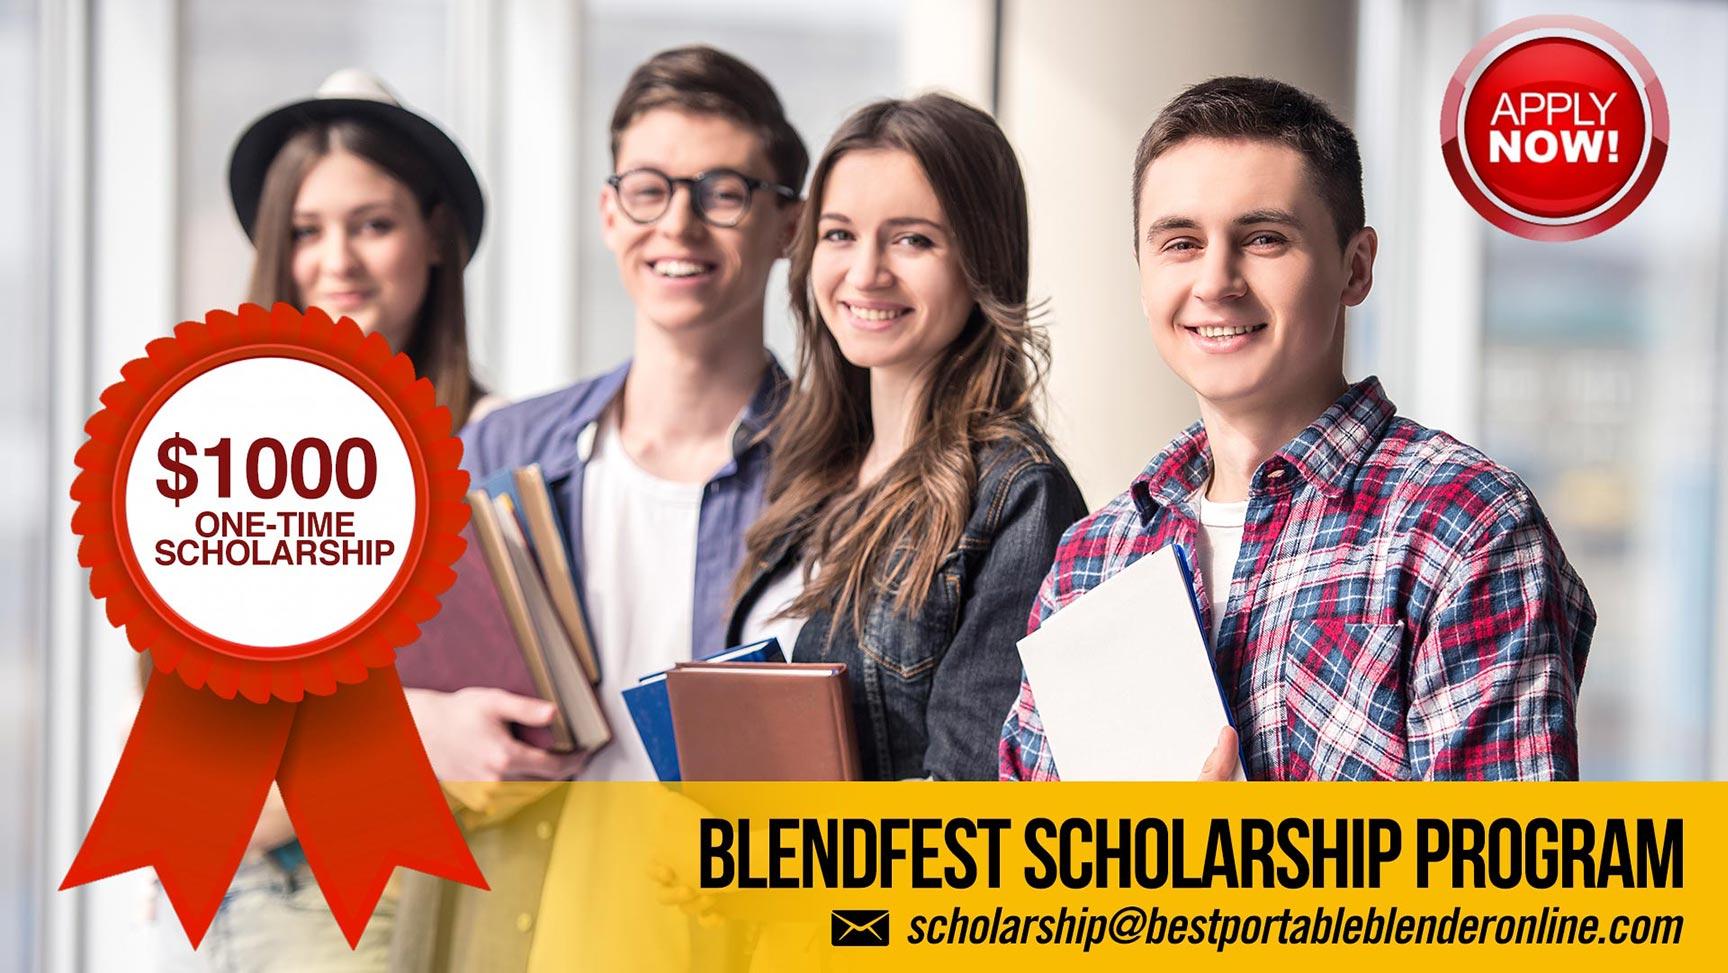 blendfest-scholarship-program-best-portable-blender-online